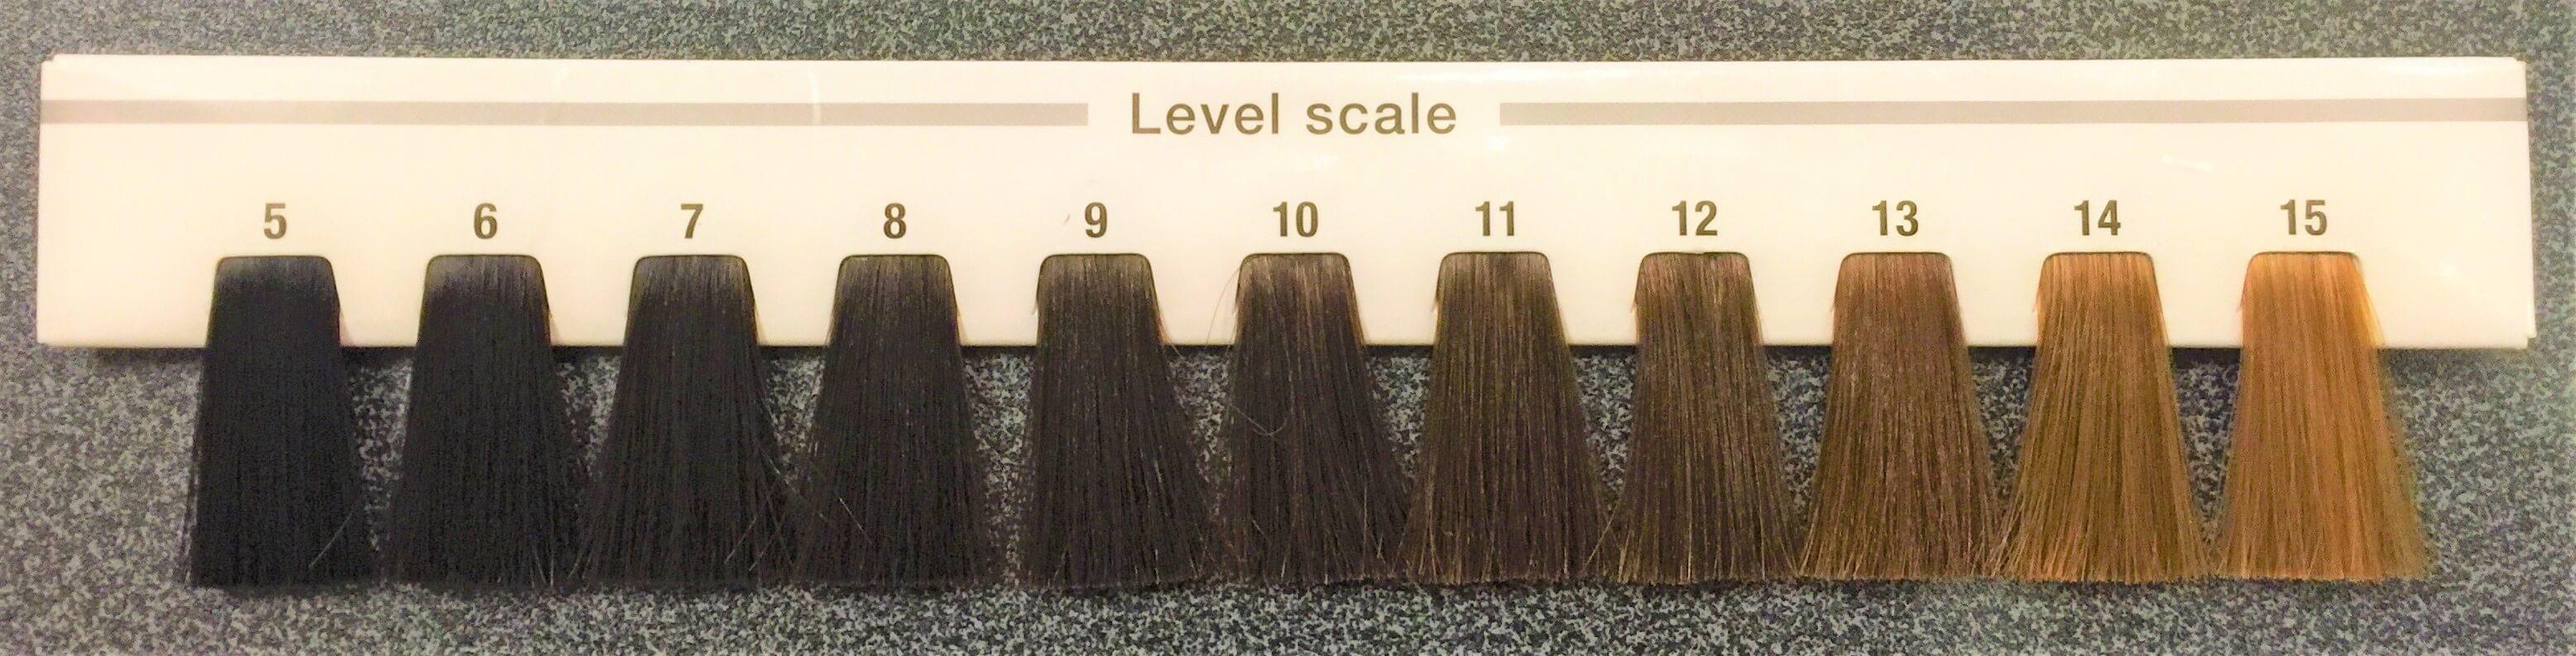 髪の明るさごとの毛束